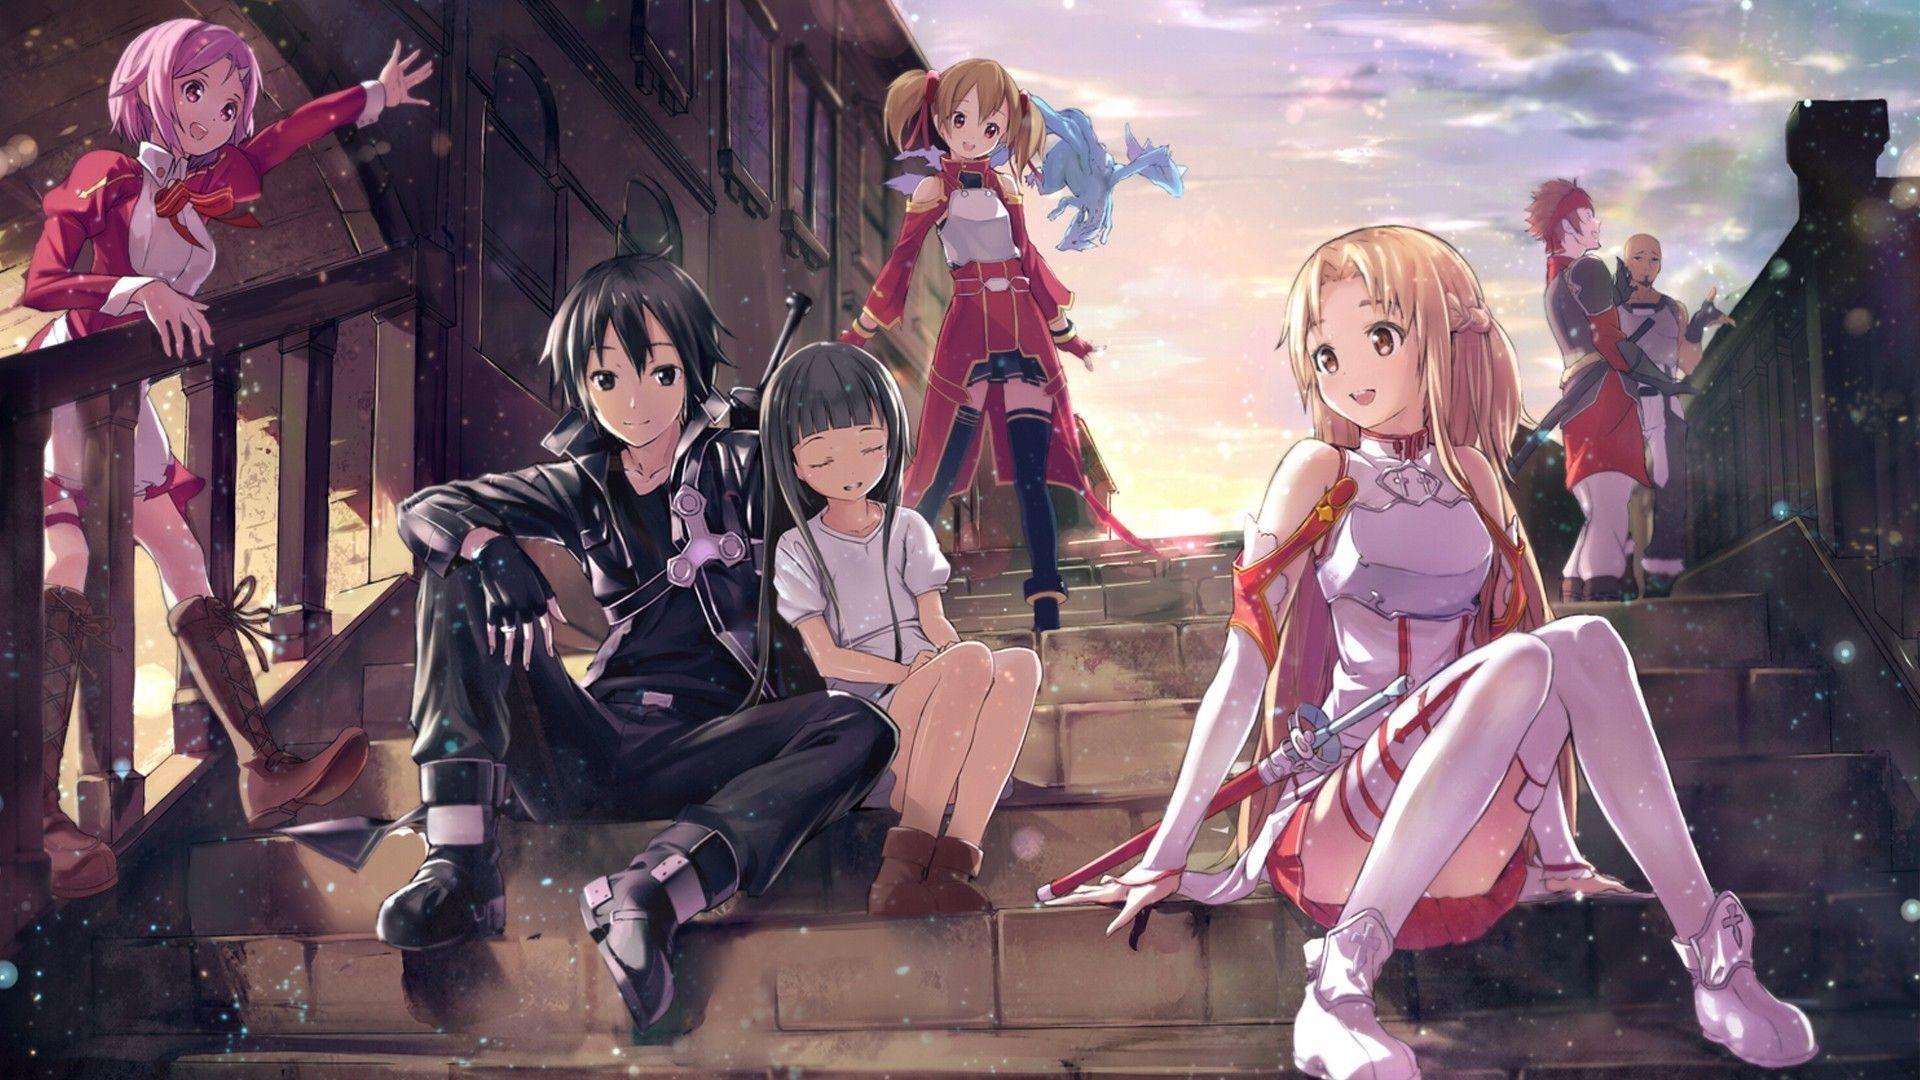 Sword Art Online – Anime | Sword Art Online | Pinterest | Sword art online,  Sword art and Art online